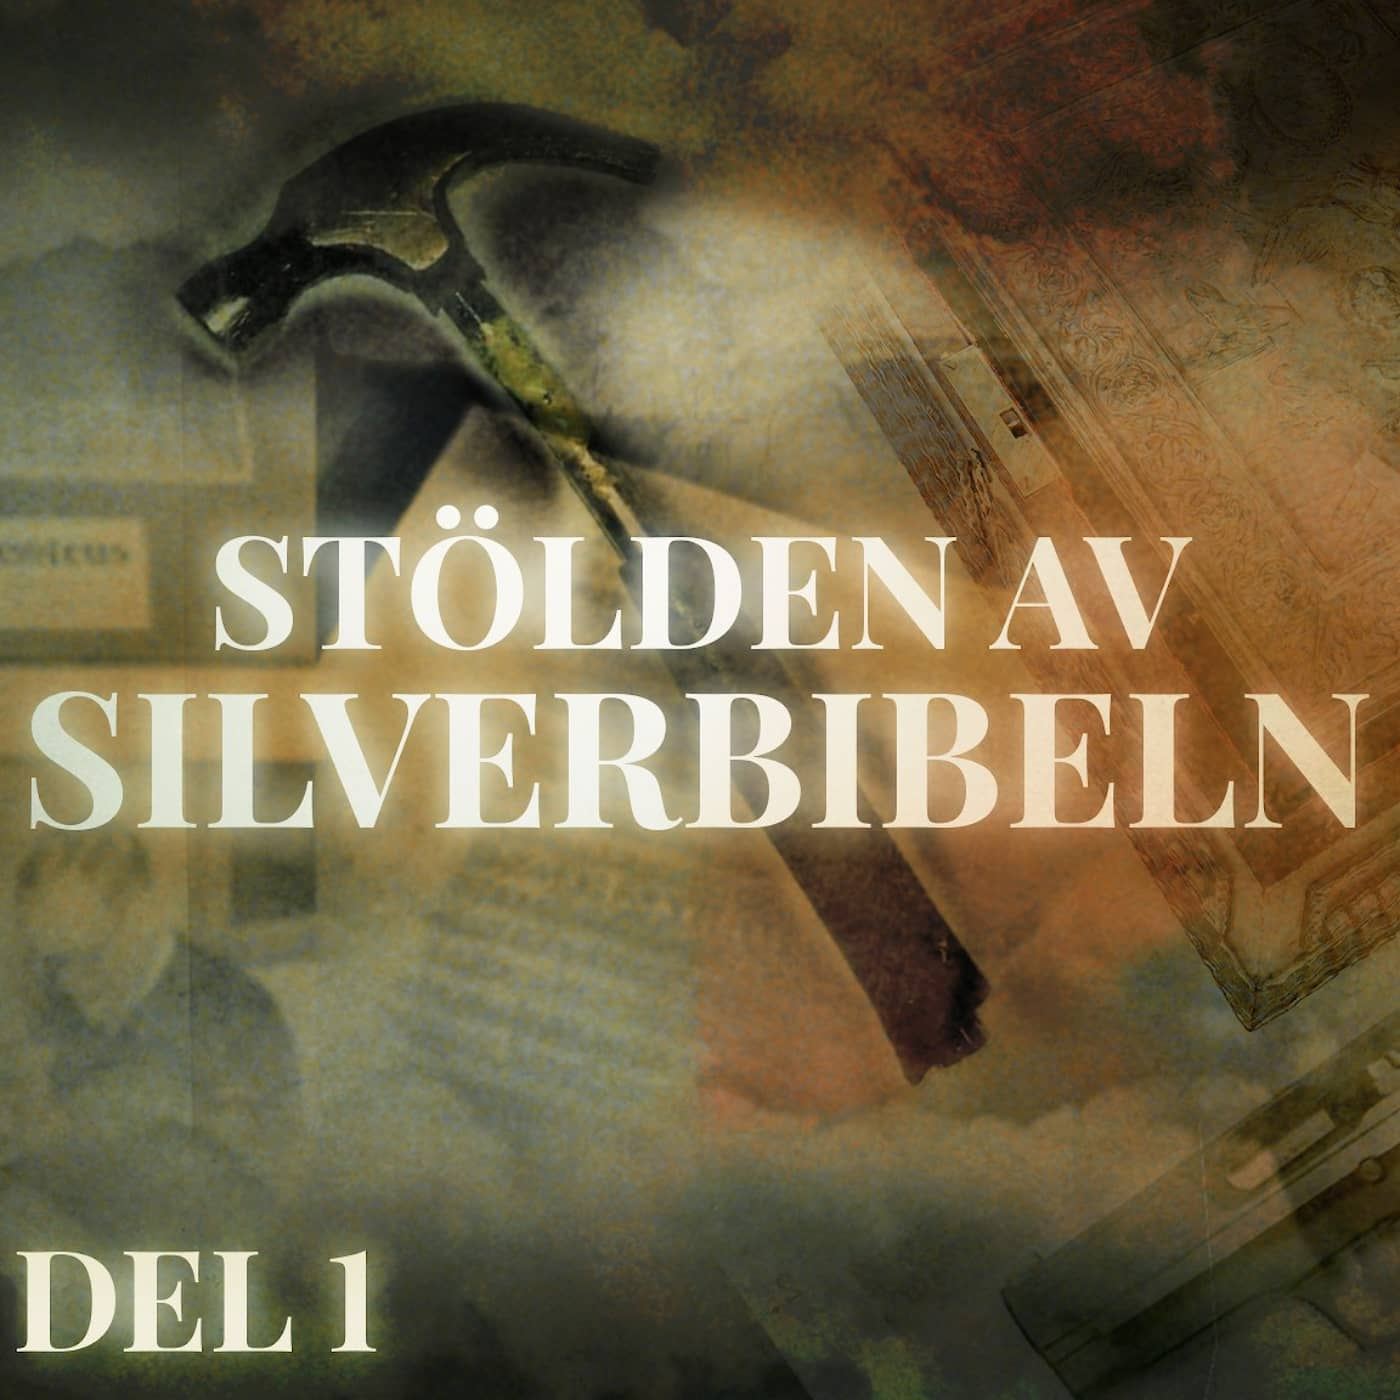 Del 1/2 Stölden av Silverbibeln - tårgaskuppen på biblioteket